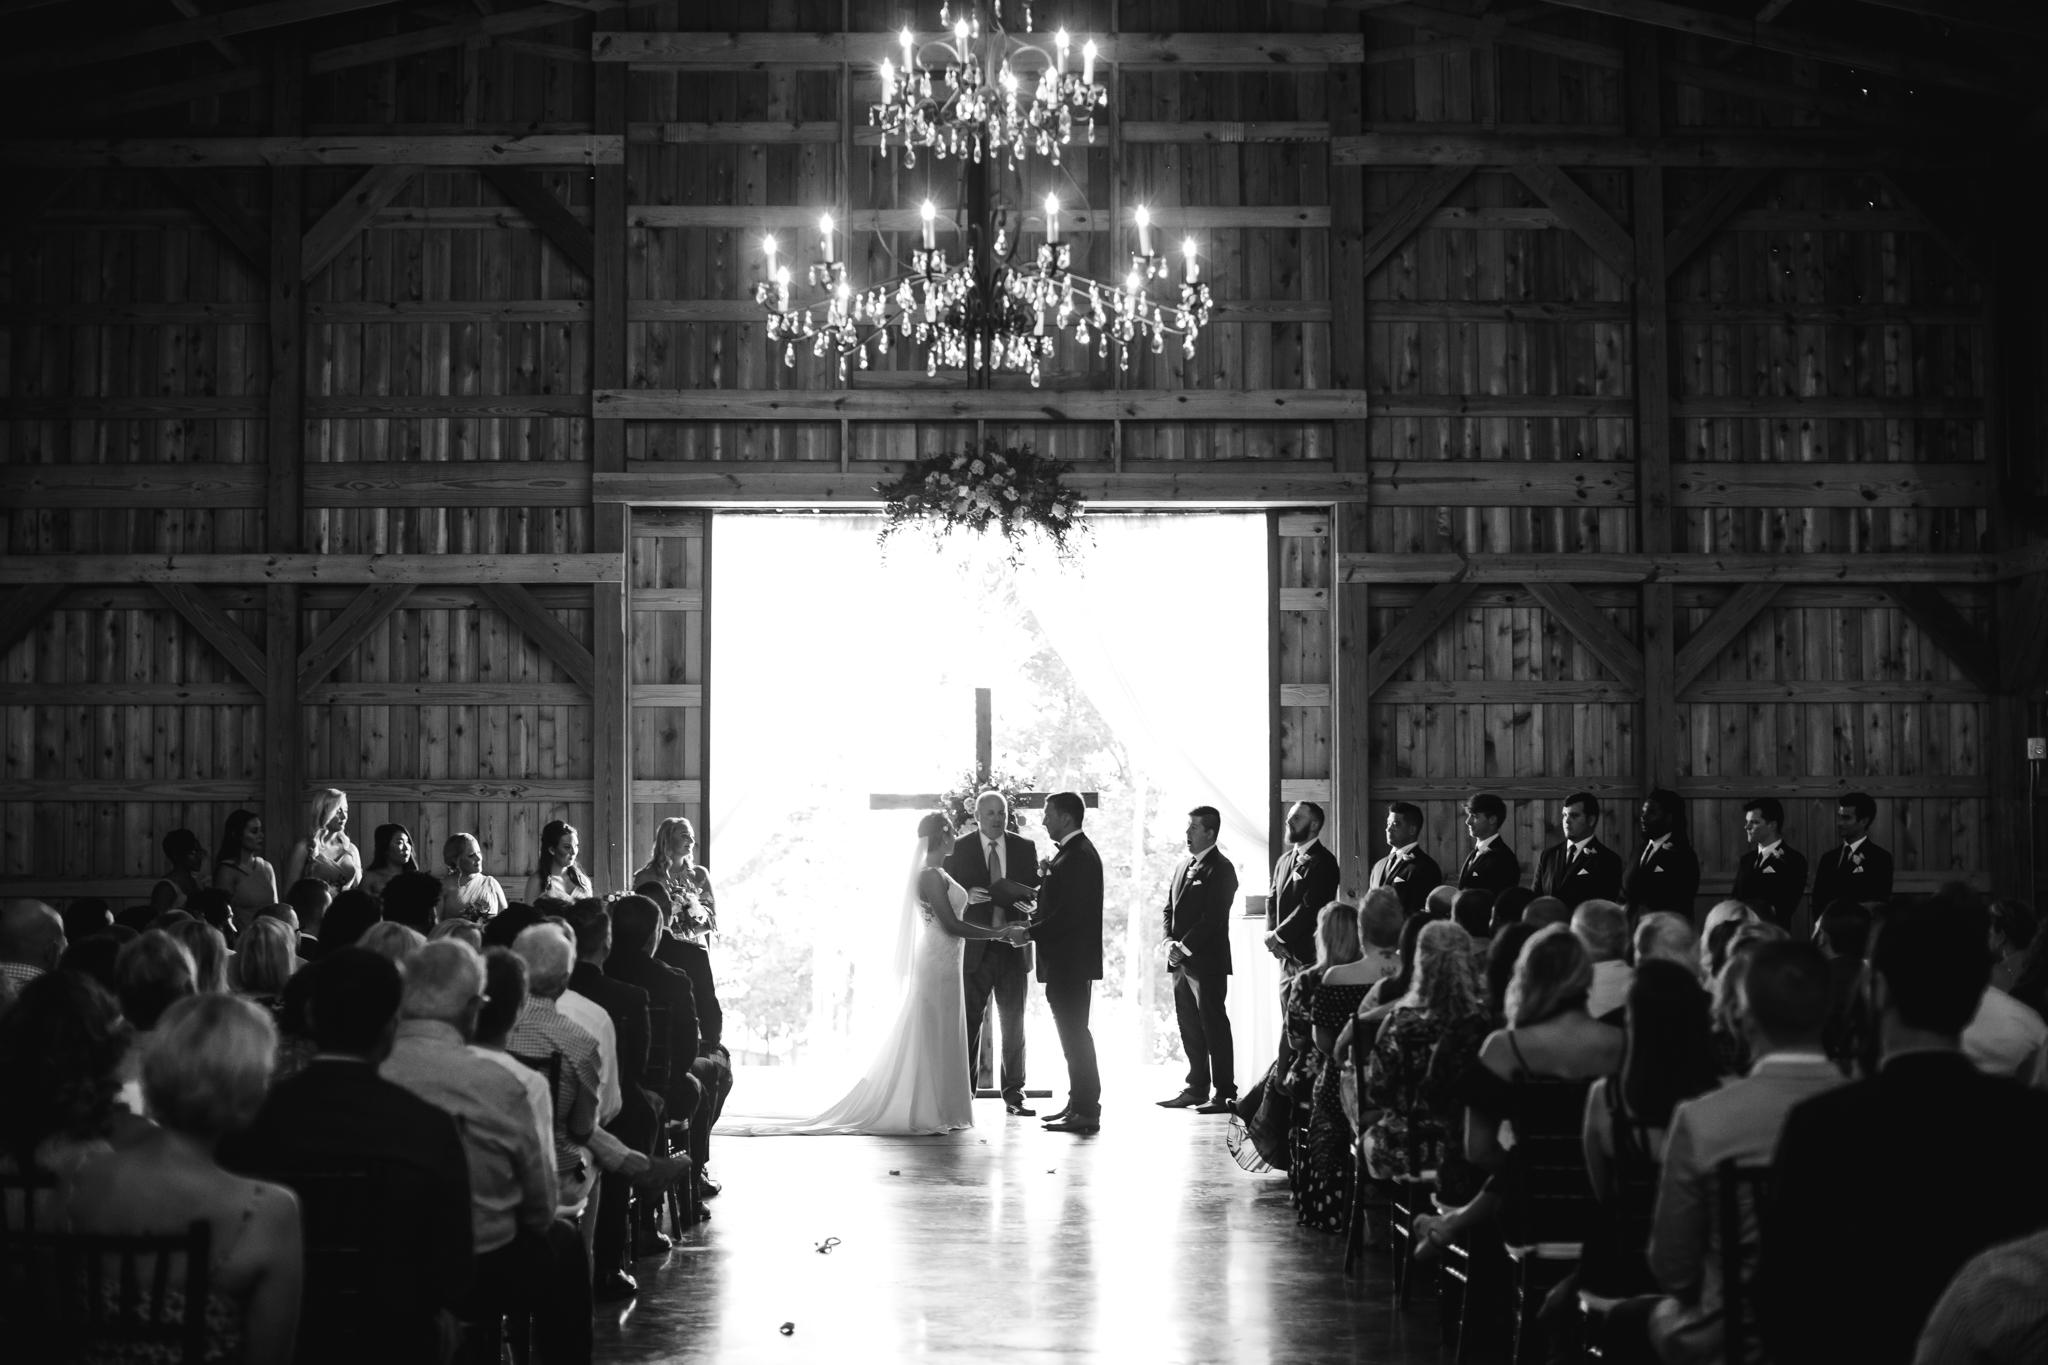 saddlewoodsfarms-nashville-wedding-photographer-thewarmtharoundyou-rustic-wedding (23 of 251).jpg